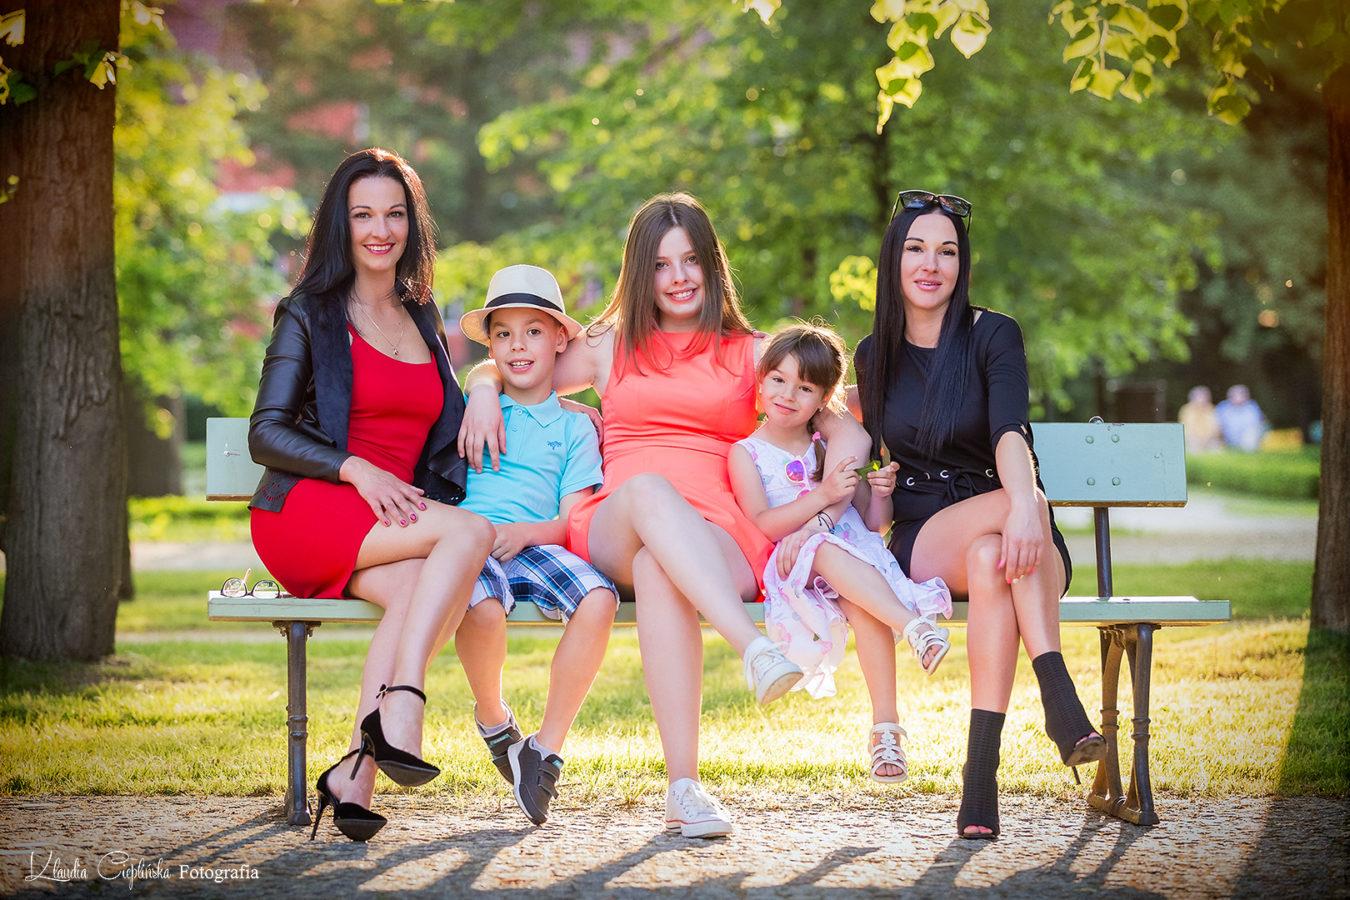 Zdjęcia rodzinne - plener Jelenia Góra. Artystyczna fotografia rodzinna - fotograf Klaudia Cieplińska. Sesje okolicznościowe - chrzest, komunia, inne okazje rodzinne.